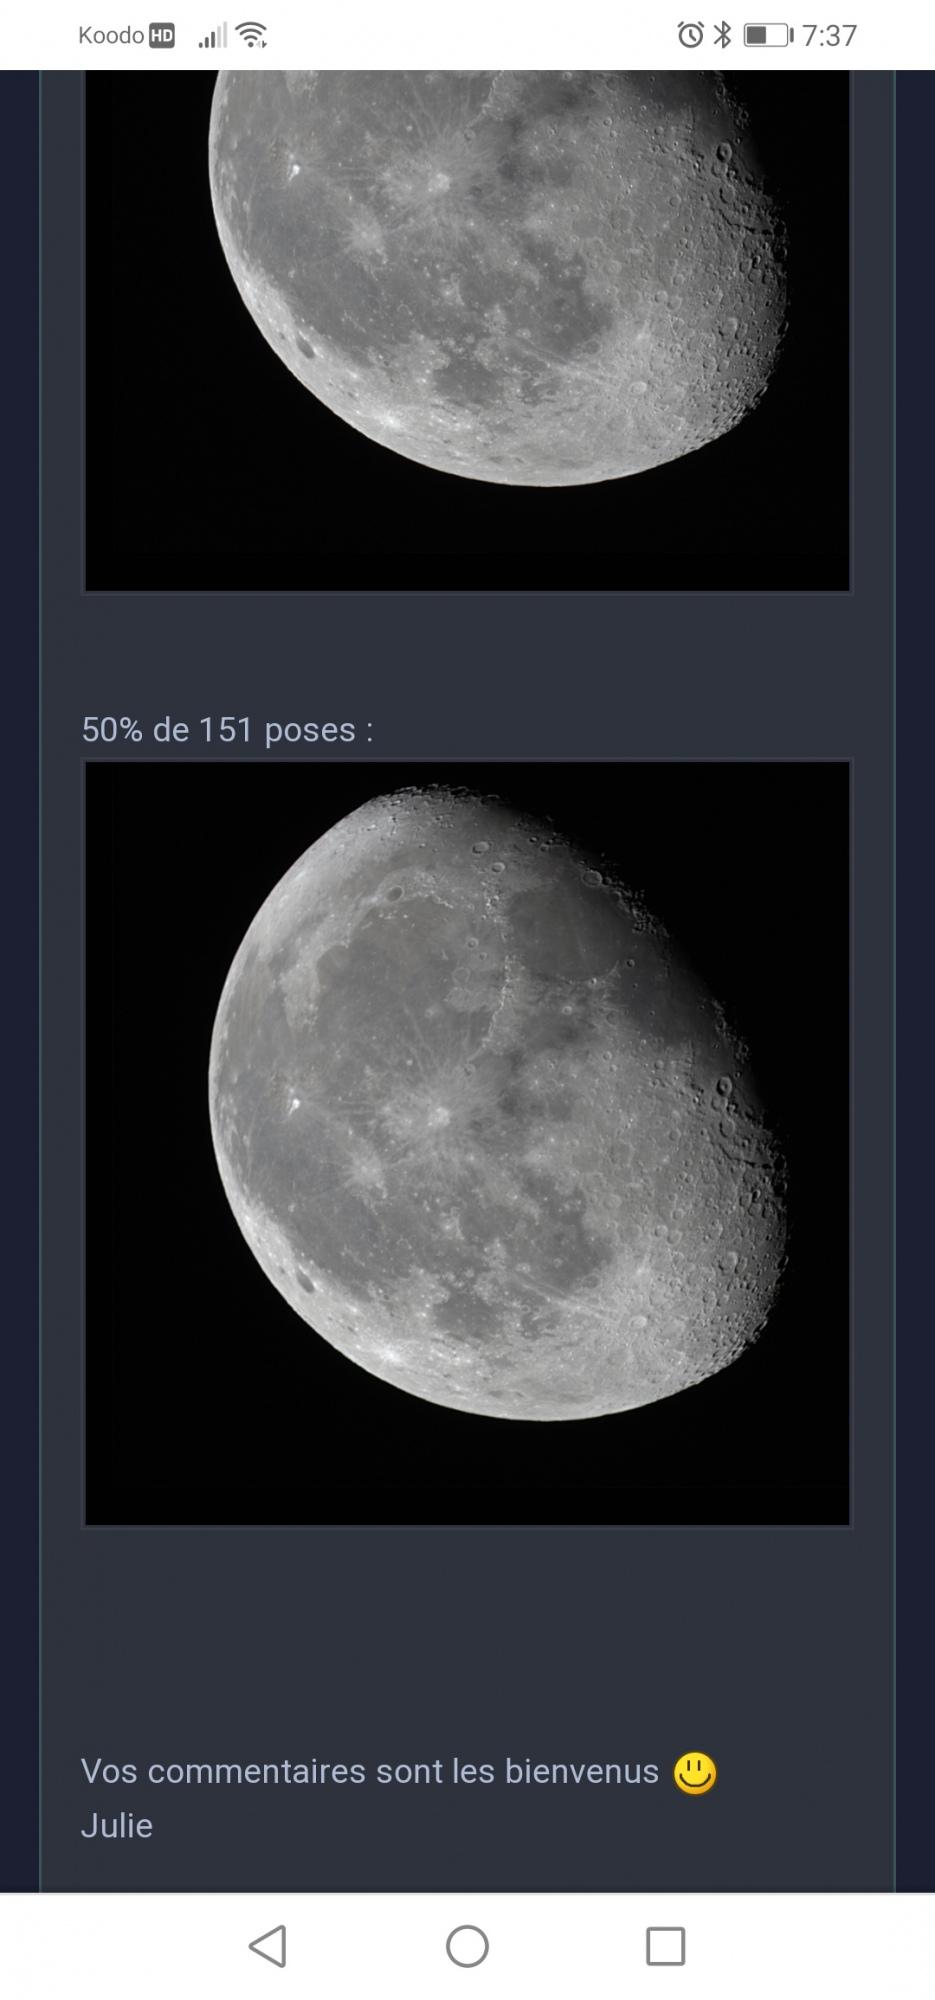 Screenshot_20201217_073754_com.android.chrome.thumb.jpg.1b5adebd8f11ac2e05db534a86225c5d.jpg